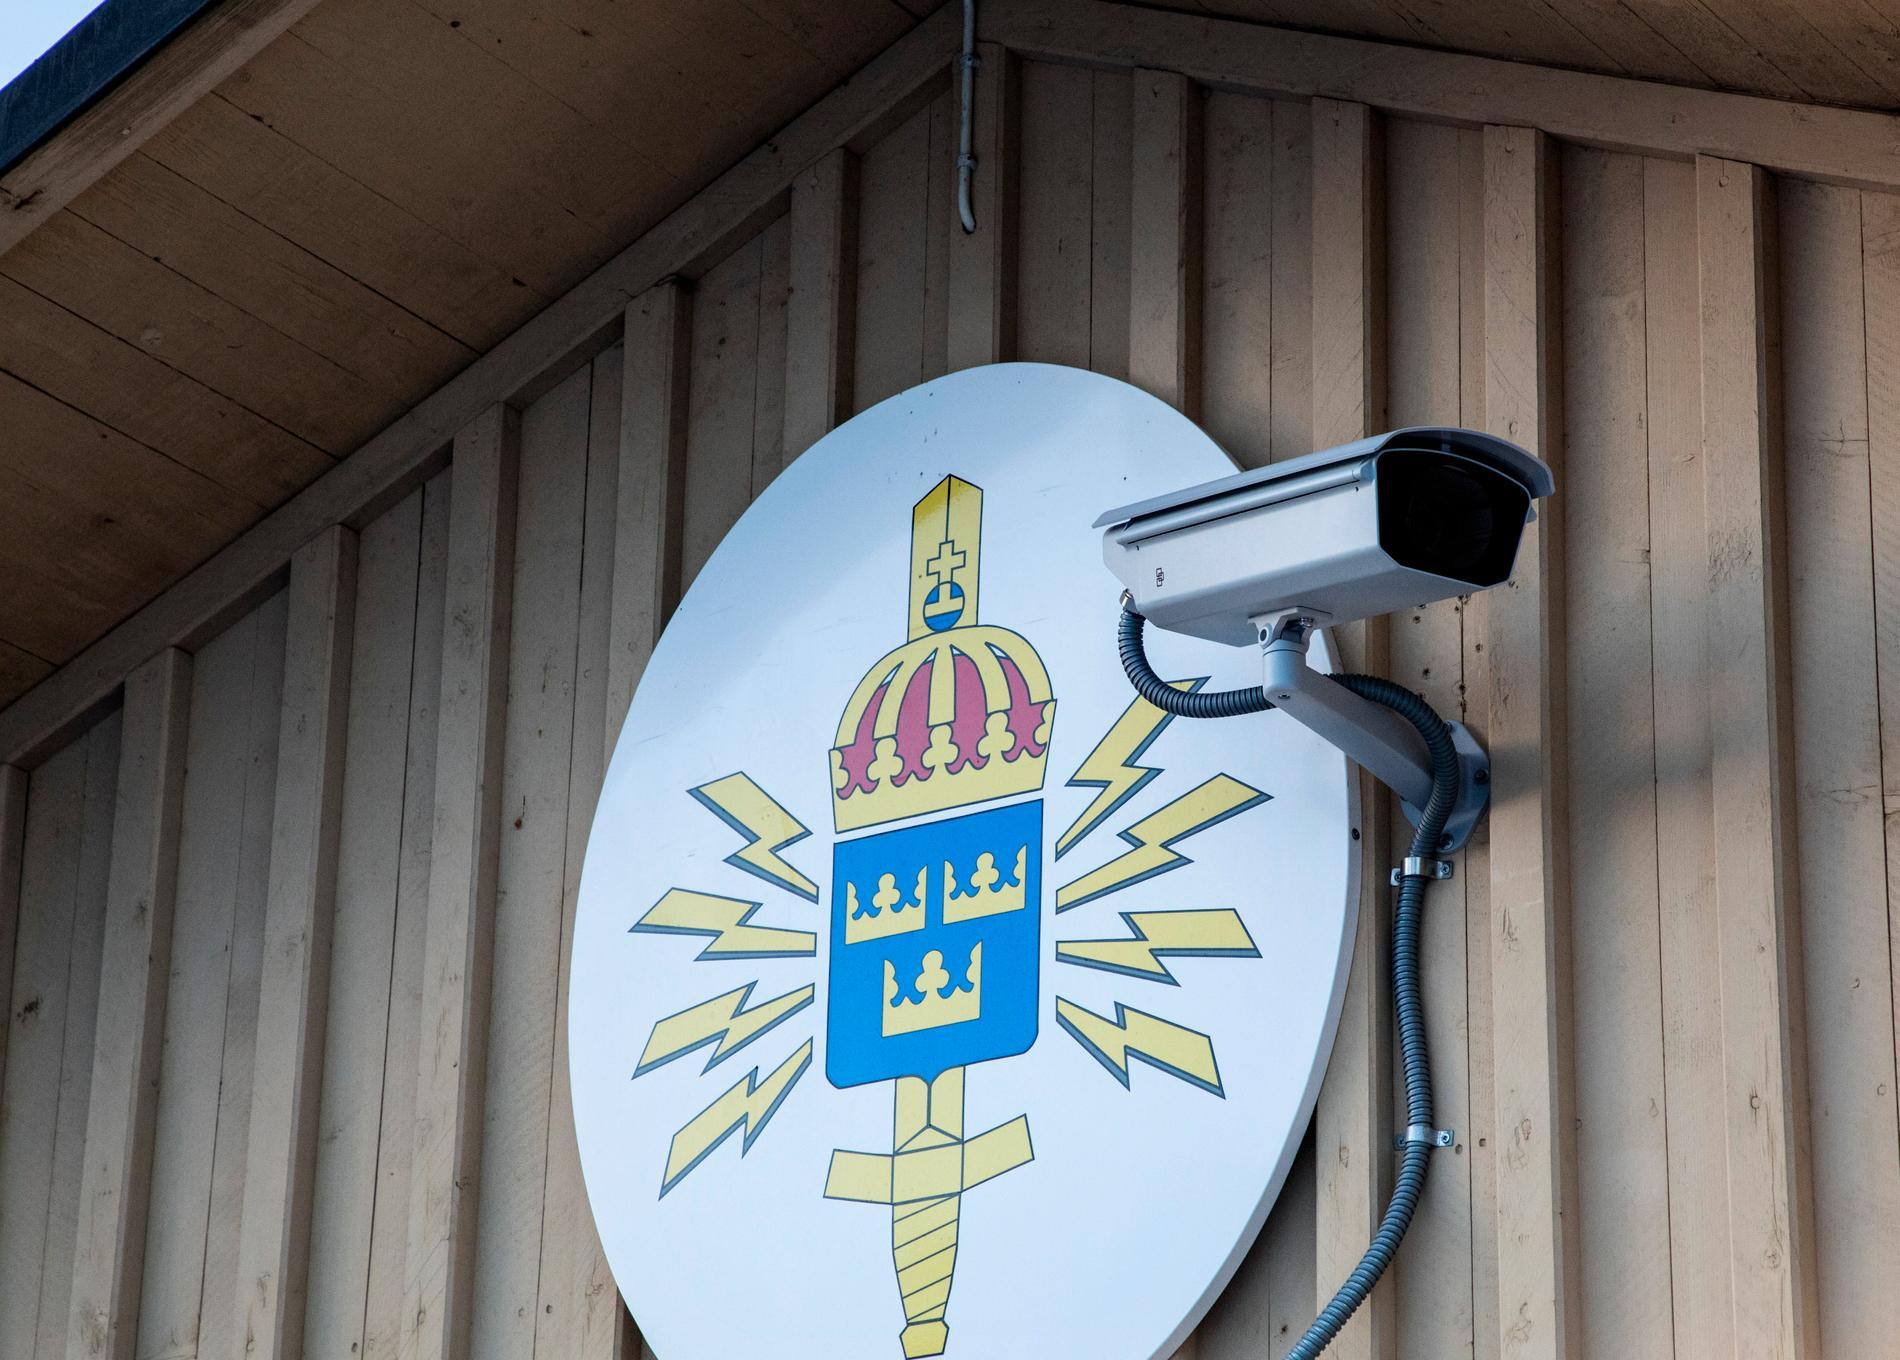 Polis och säkerhetspolis utökad tillgång till uppgifter från försvarsmaktens signalspaning. Arkivbild.